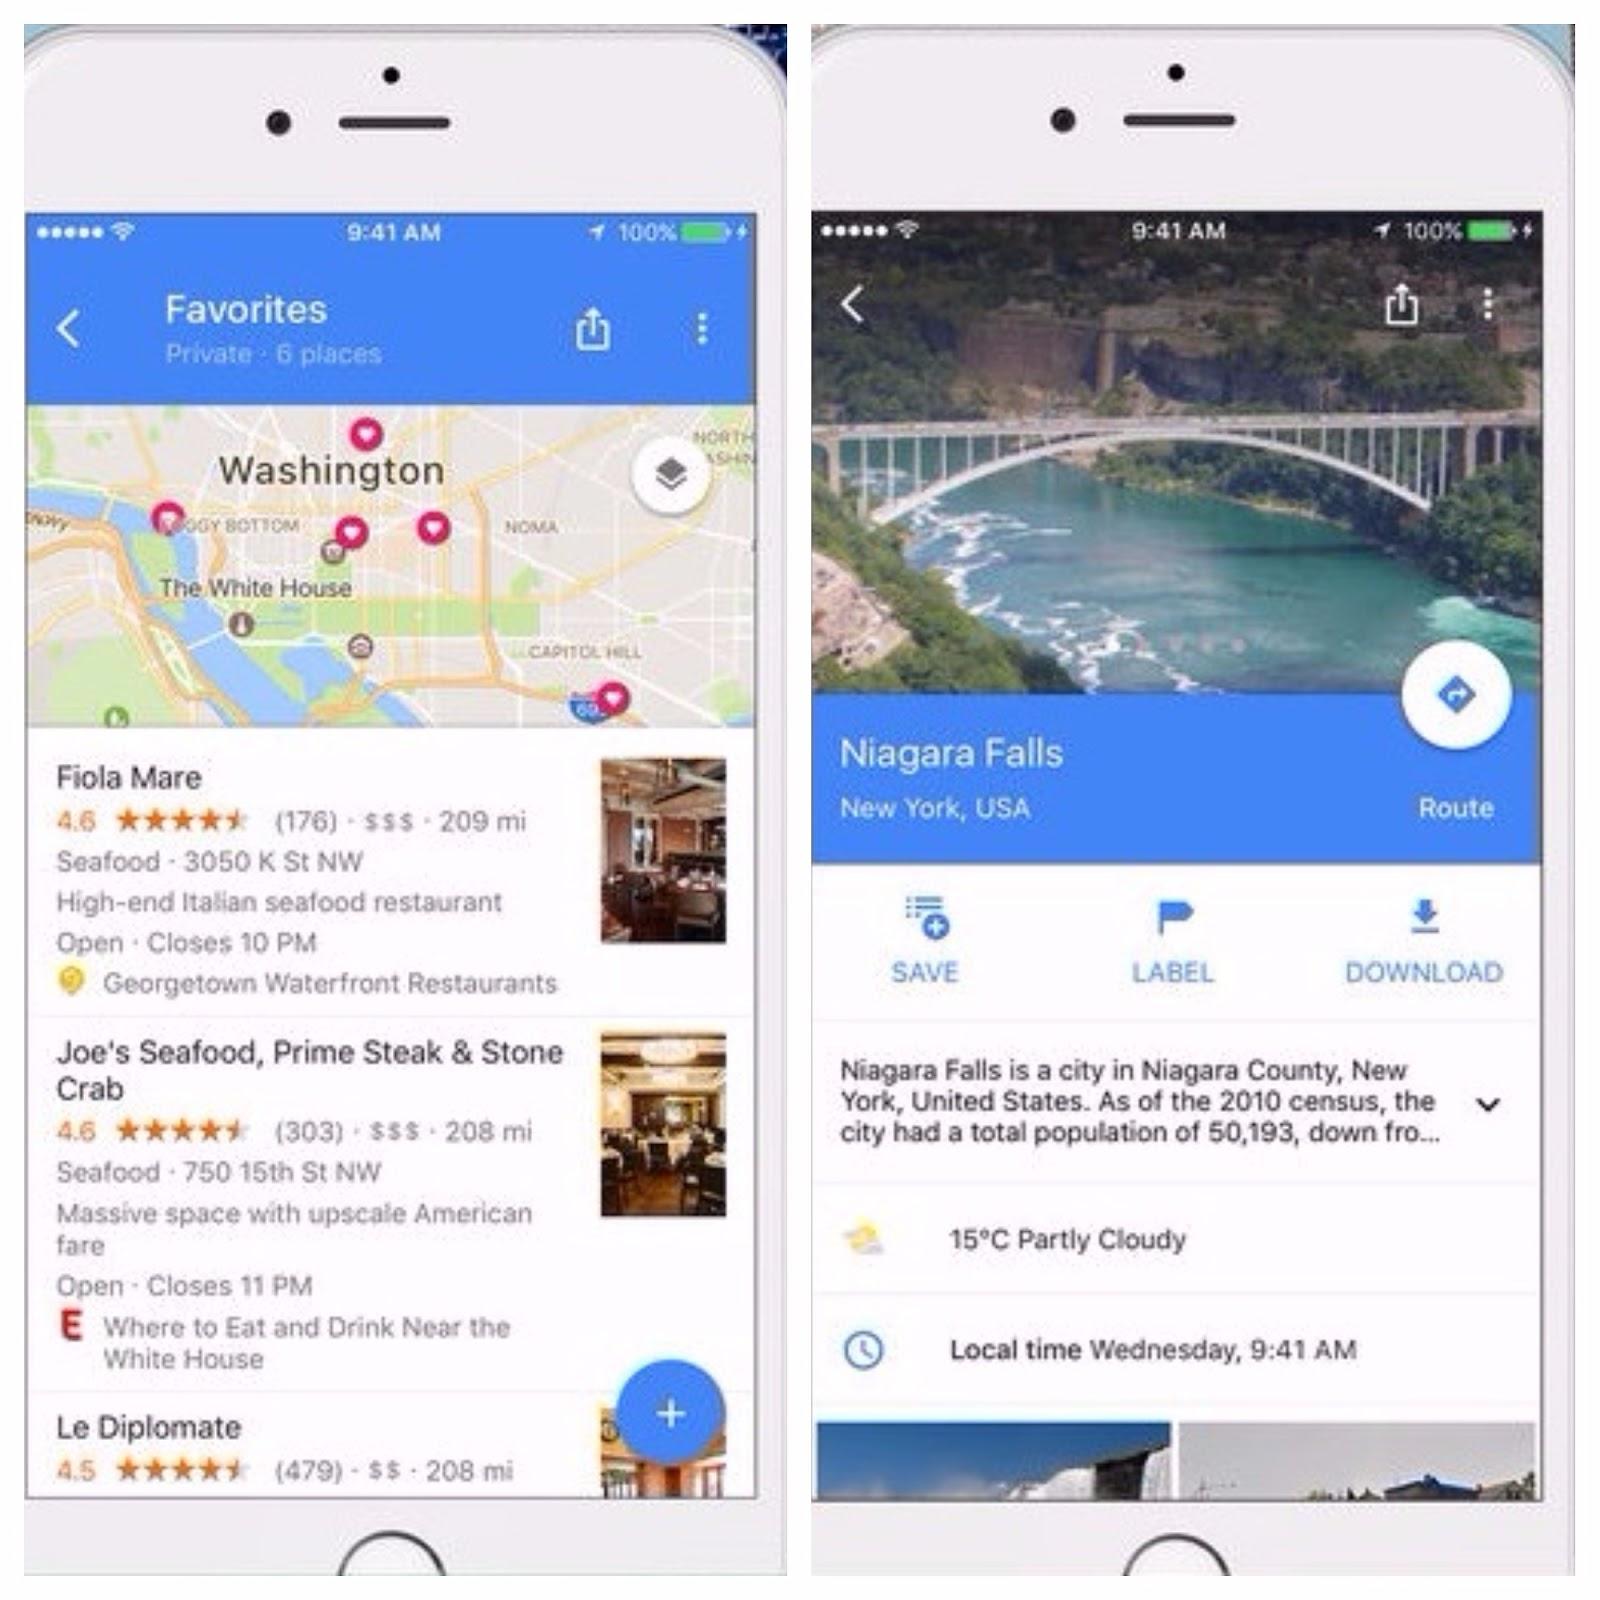 Dicas de viagem para não passar apuros - Use o Google Maps offline